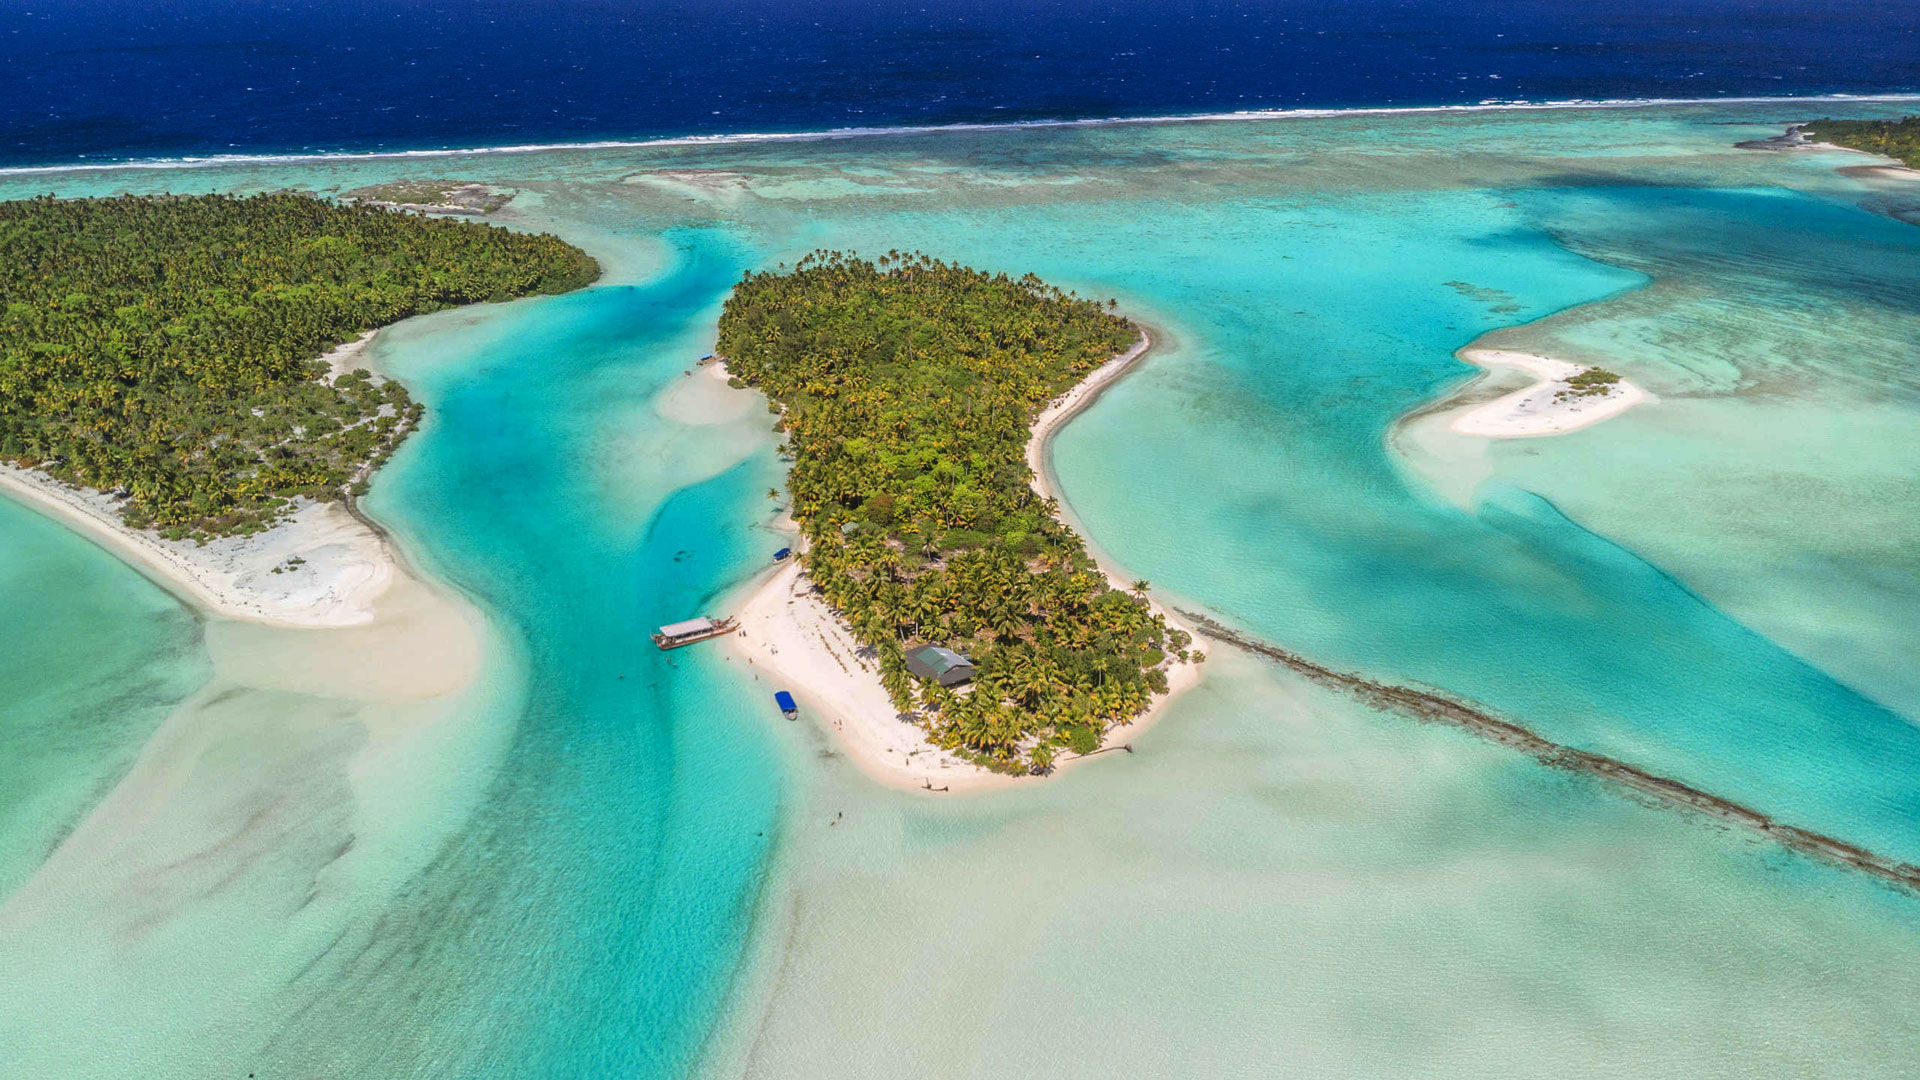 Aitutaki-Aerial-03-1920x1080